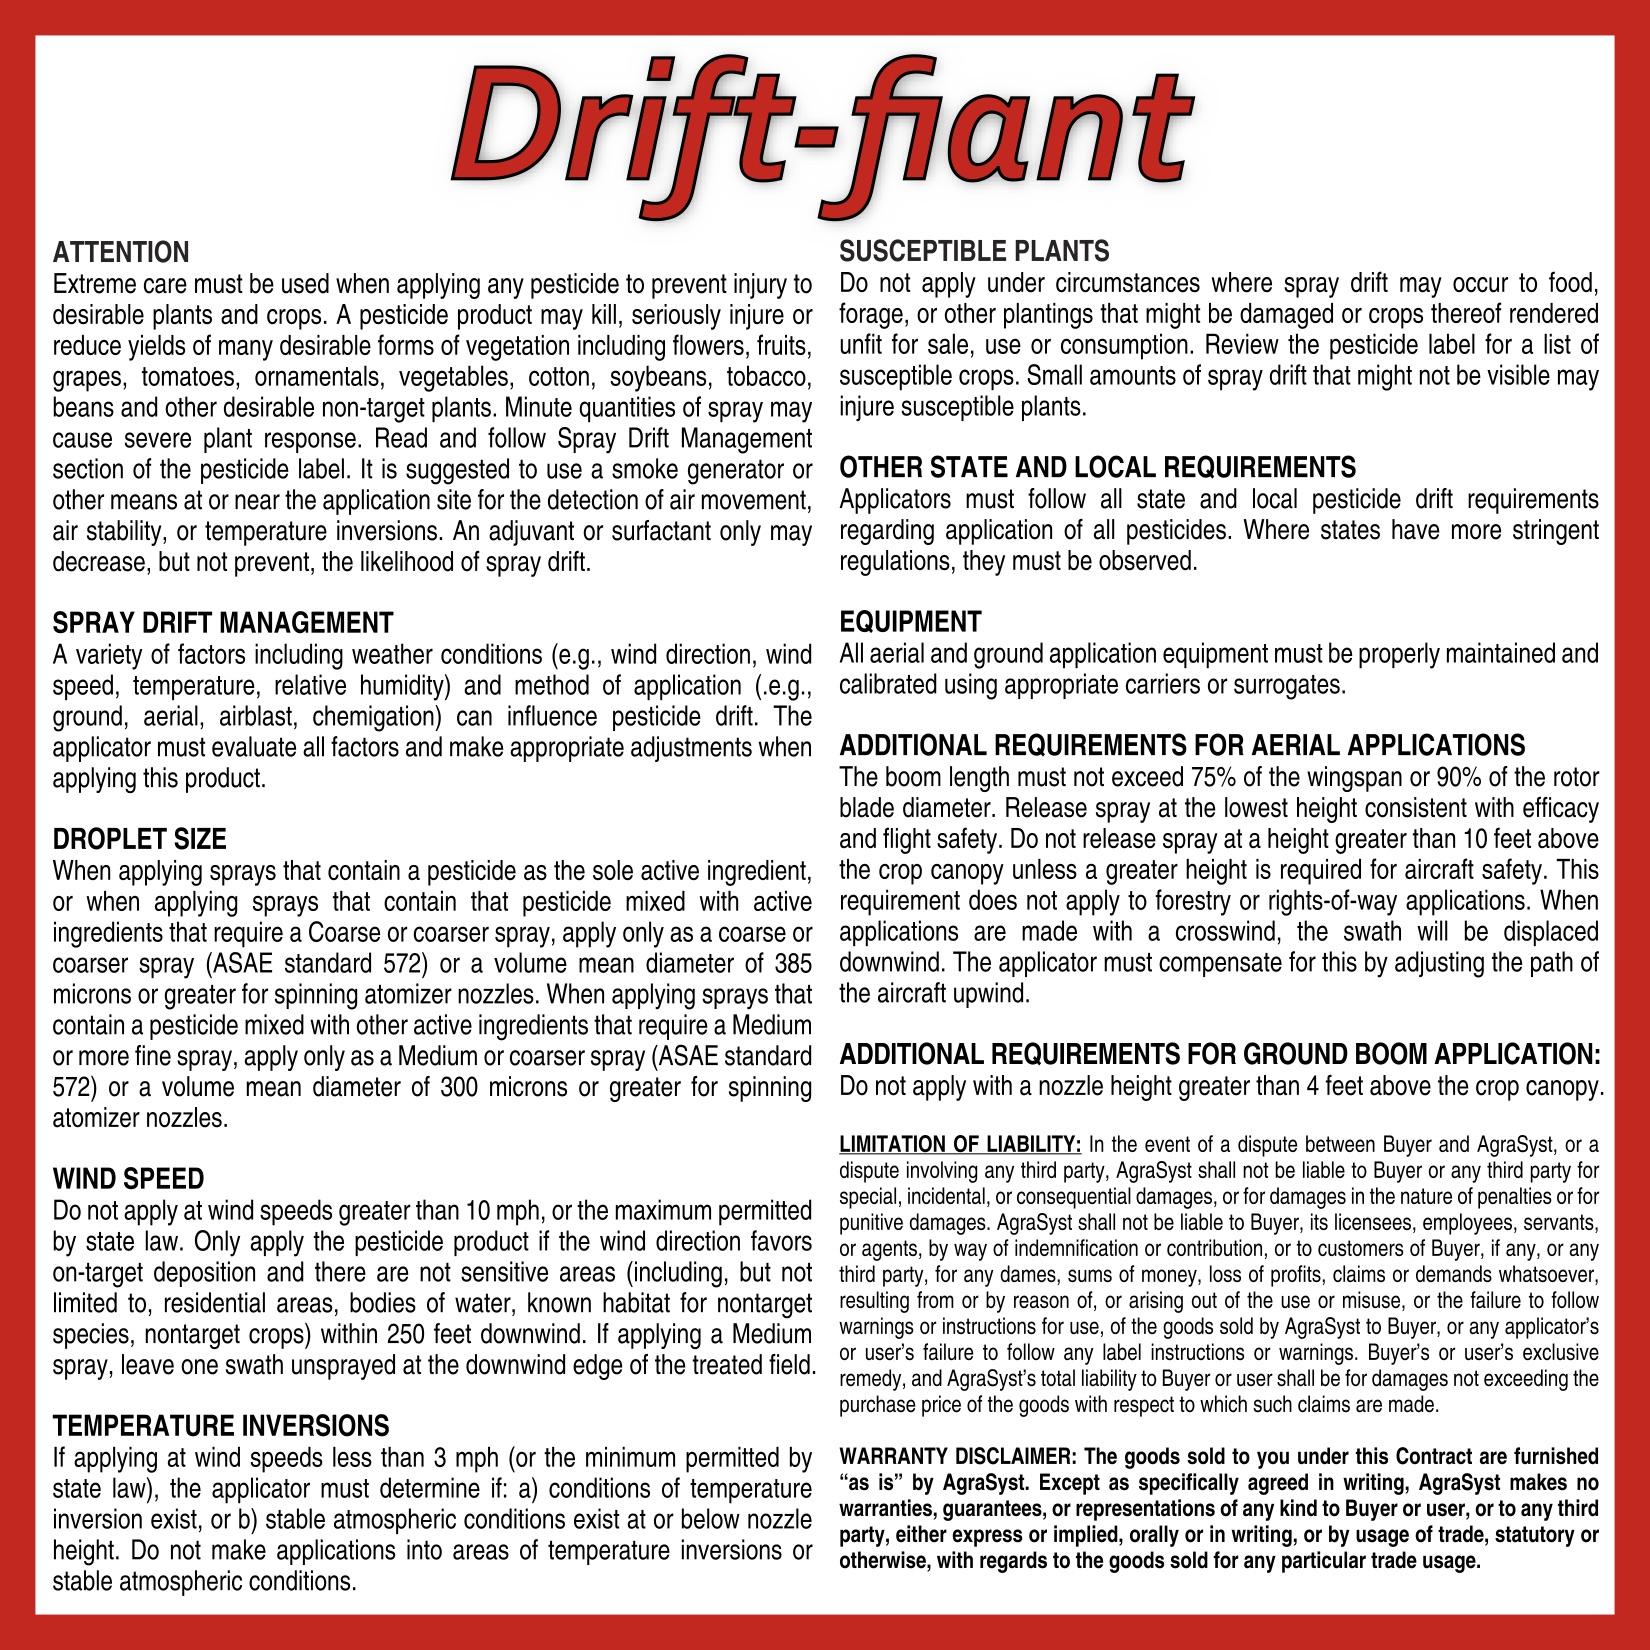 DRIFT-FIANT_5.5x5.5_back_label_4-29-15outlined.jpg